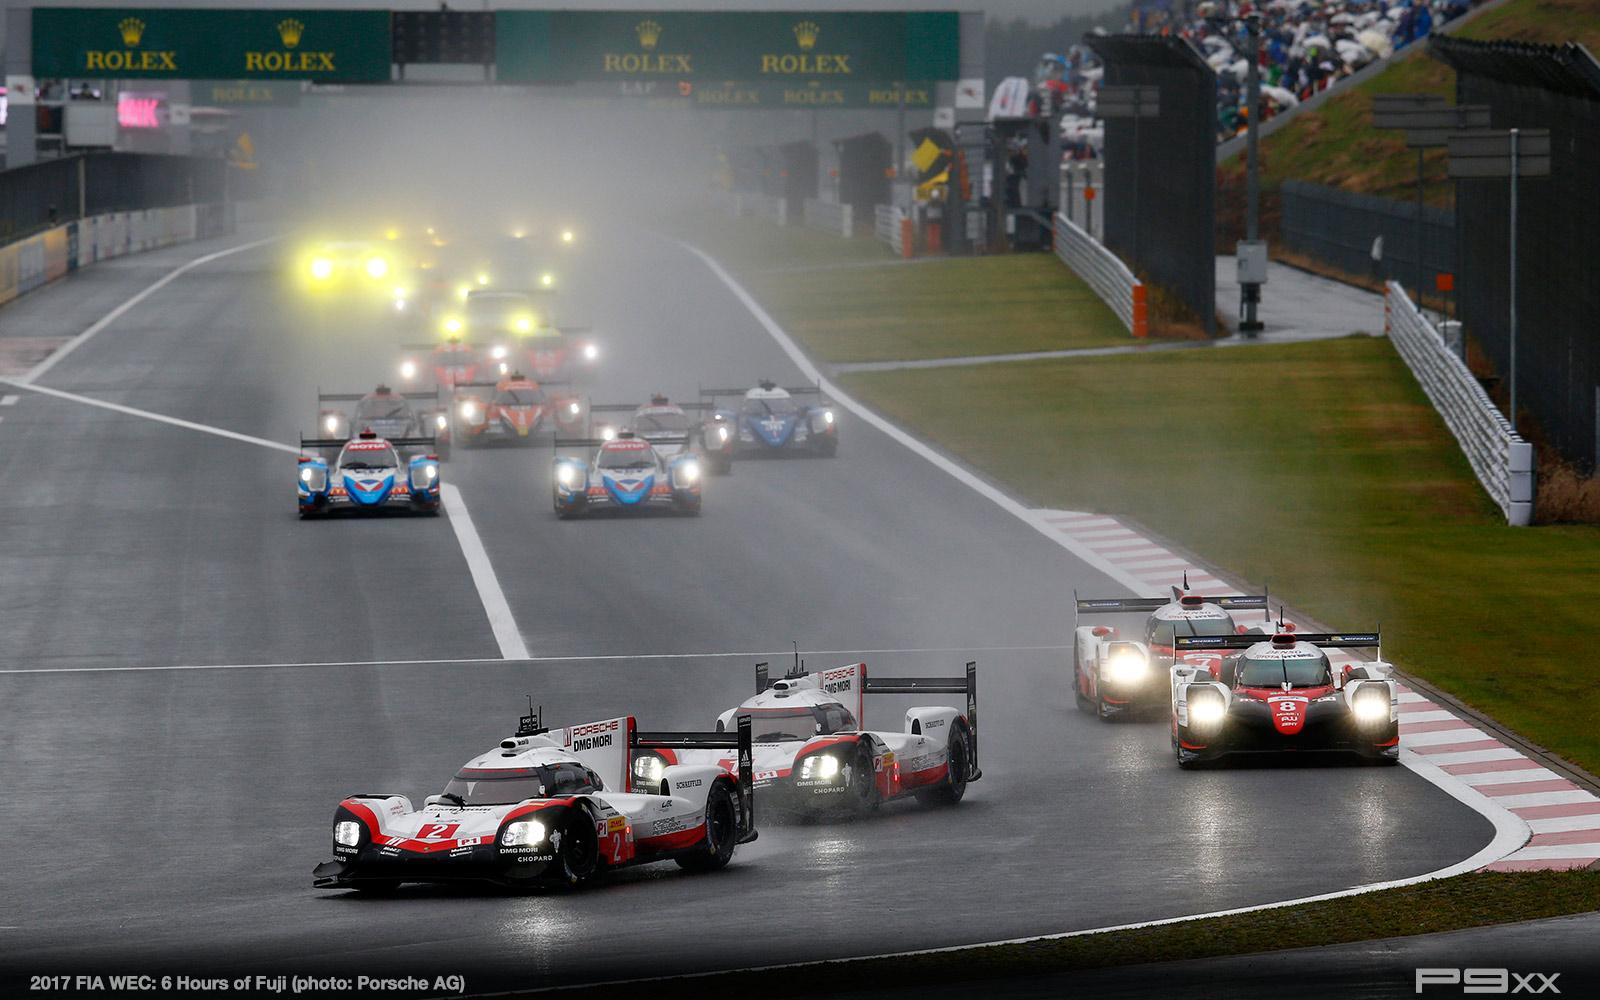 2017-FIA-WEC-6h-of-Fuji-Porsche-444